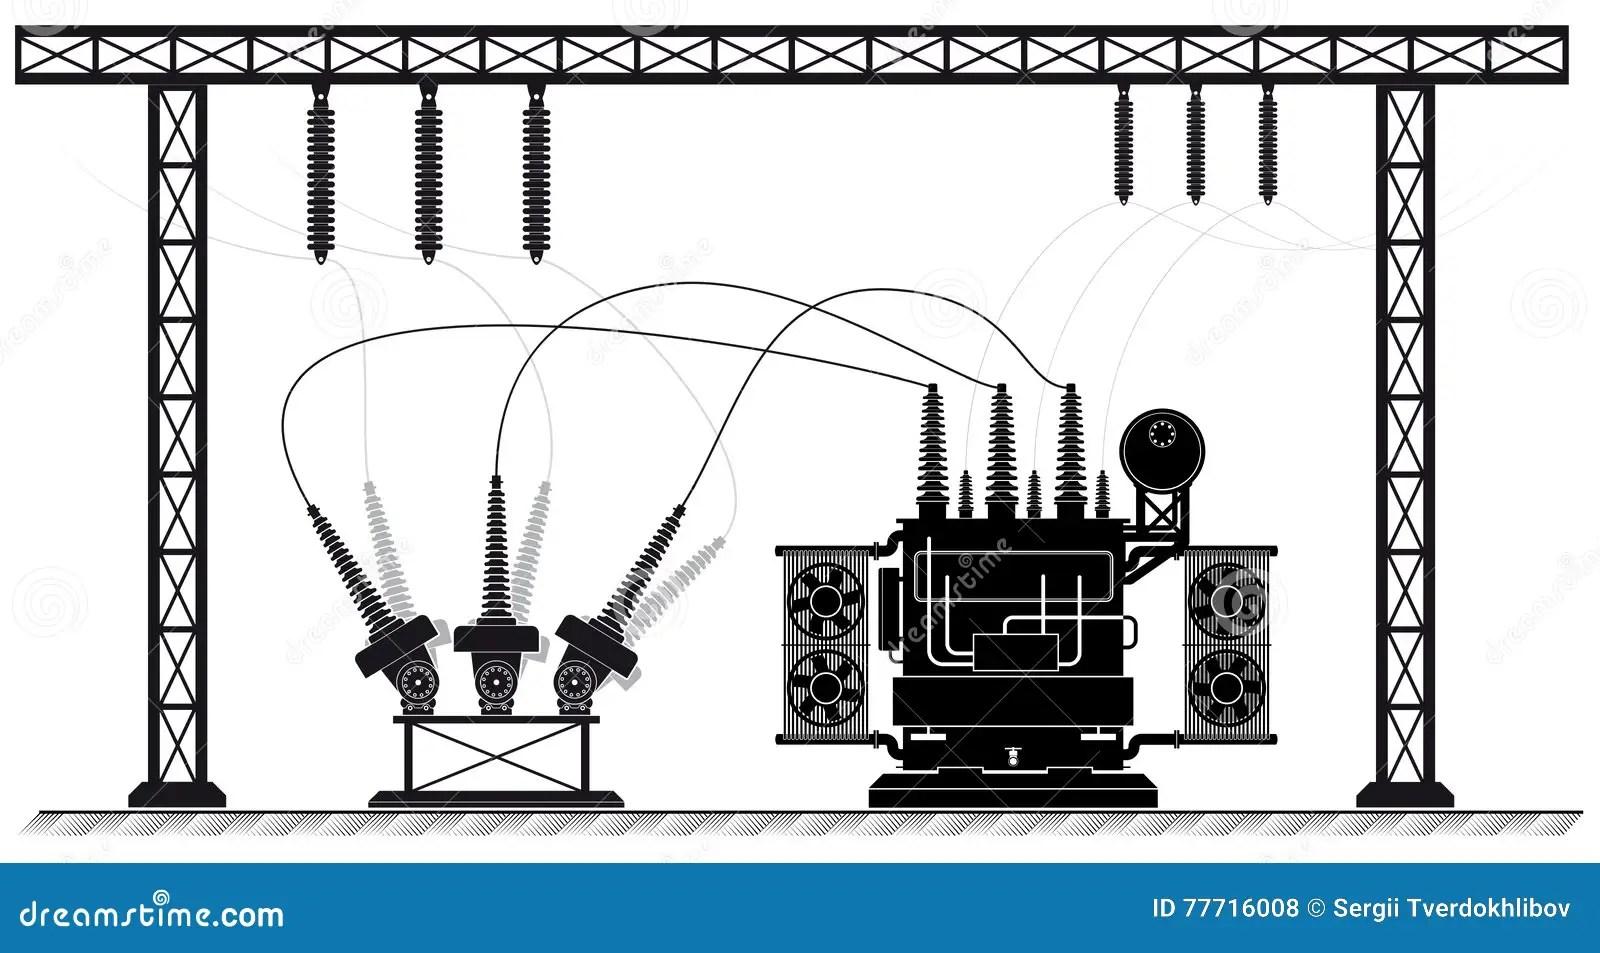 Subestacion Ilustraciones Stock Vectores Y Clipart